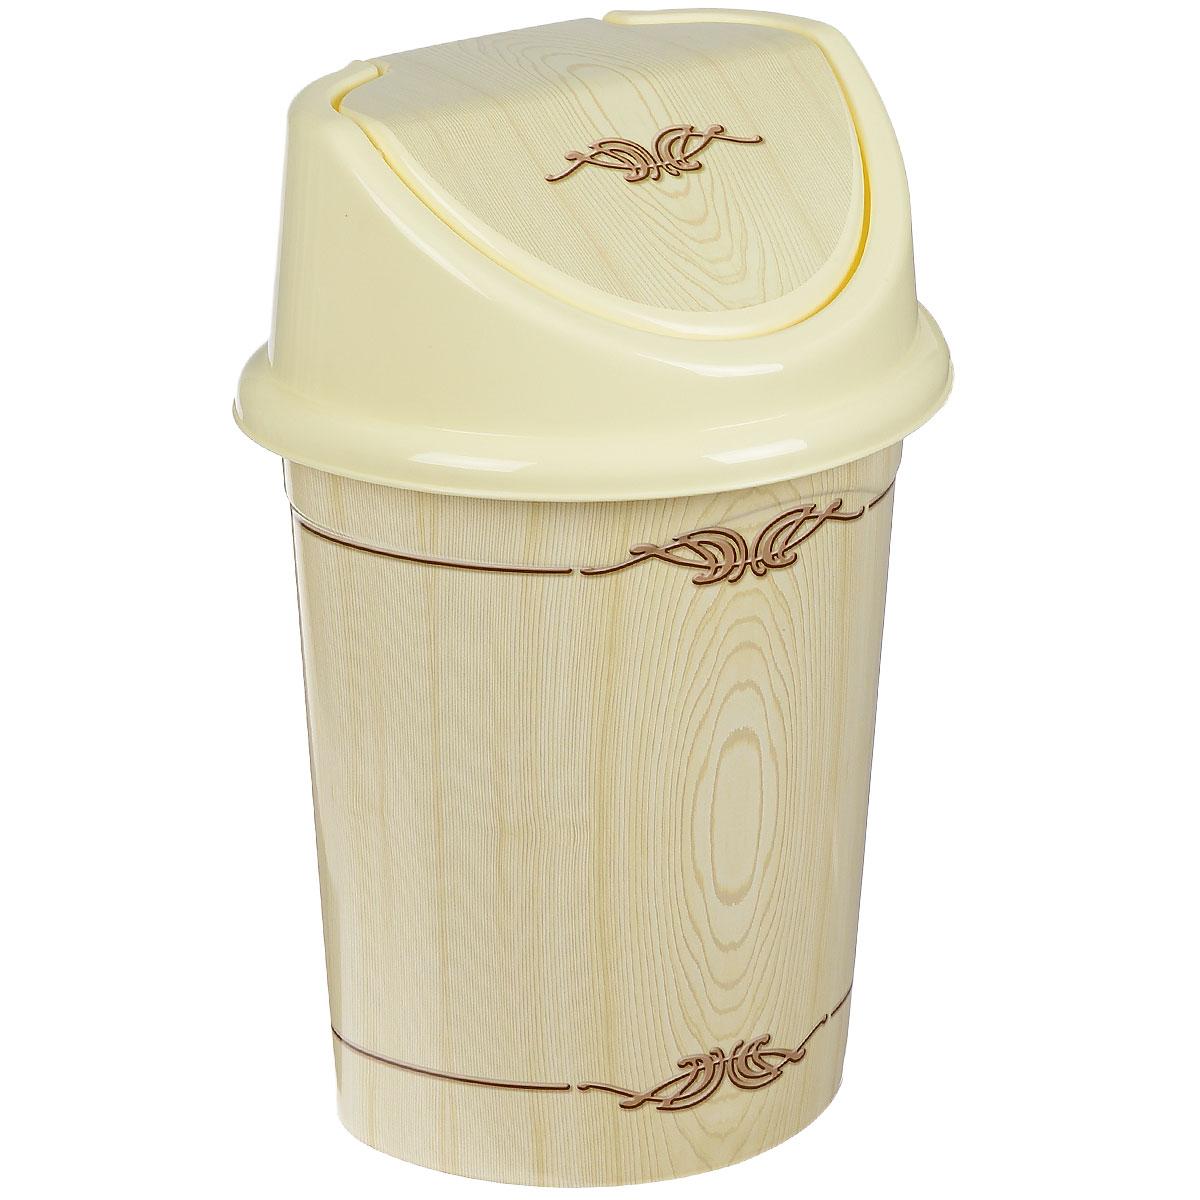 Контейнер для мусора Violet Беленый дуб, цвет: слоновая кость, коричневый, 14 л0414/91Контейнер для мусора Violet Беленый дуб изготовлен из прочного пластика. Контейнер снабжен удобной съемной крышкой с подвижной перегородкой. В нем удобно хранить мелкий мусор. Благодаря лаконичному дизайну такой контейнер идеально впишется в интерьер и дома, и офиса. Высота контейнера без крышки: 33,5 см.